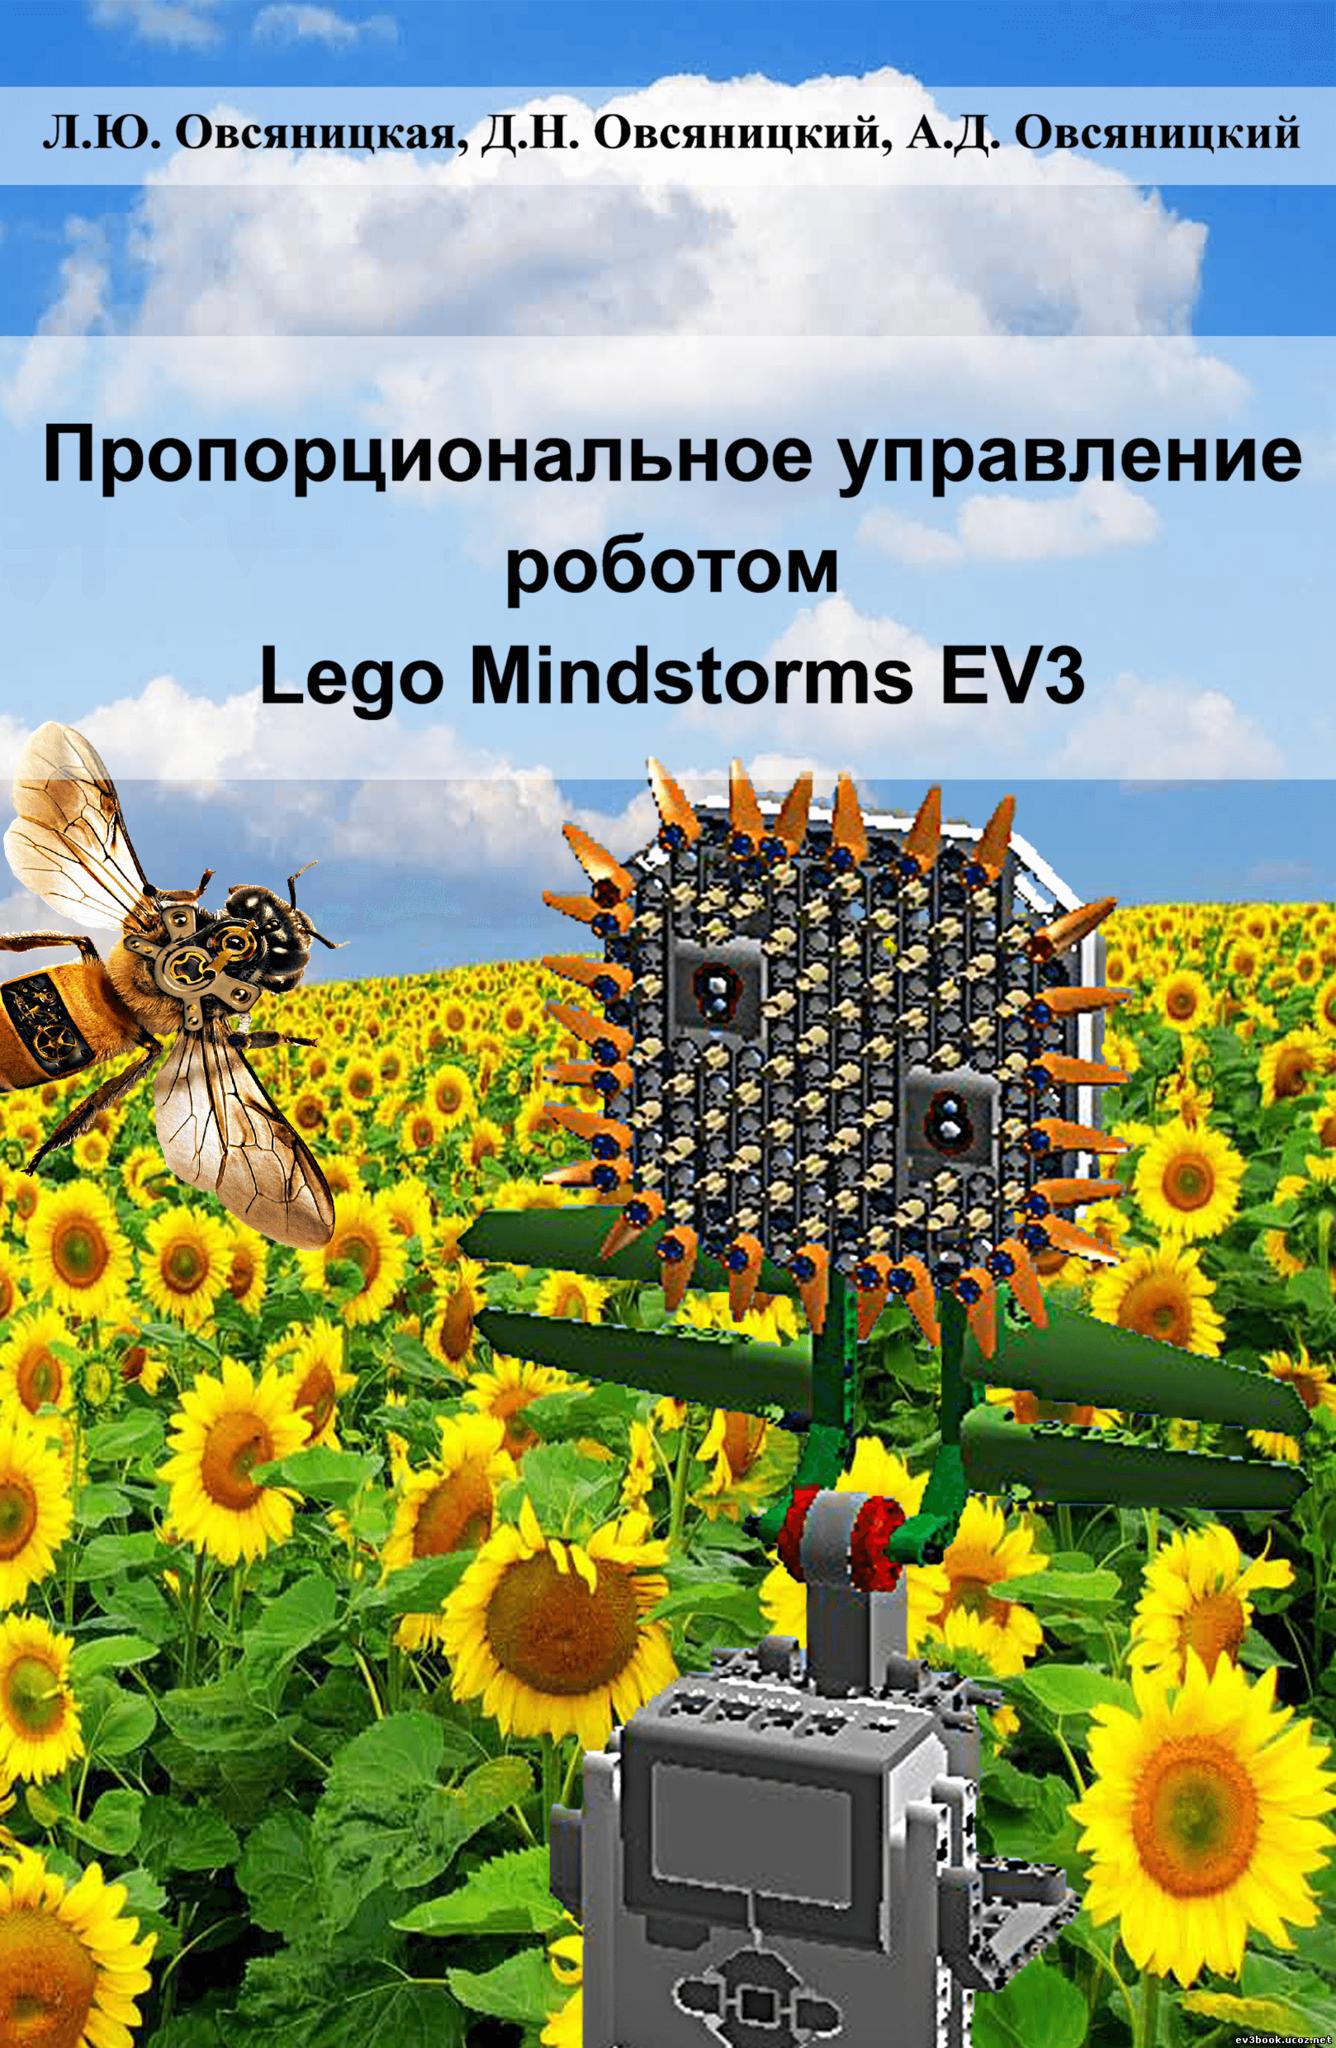 Пропорциональное управление роботом Lego Mindstorms EV3 книги эксмо большая книга lego mindstorms ev3